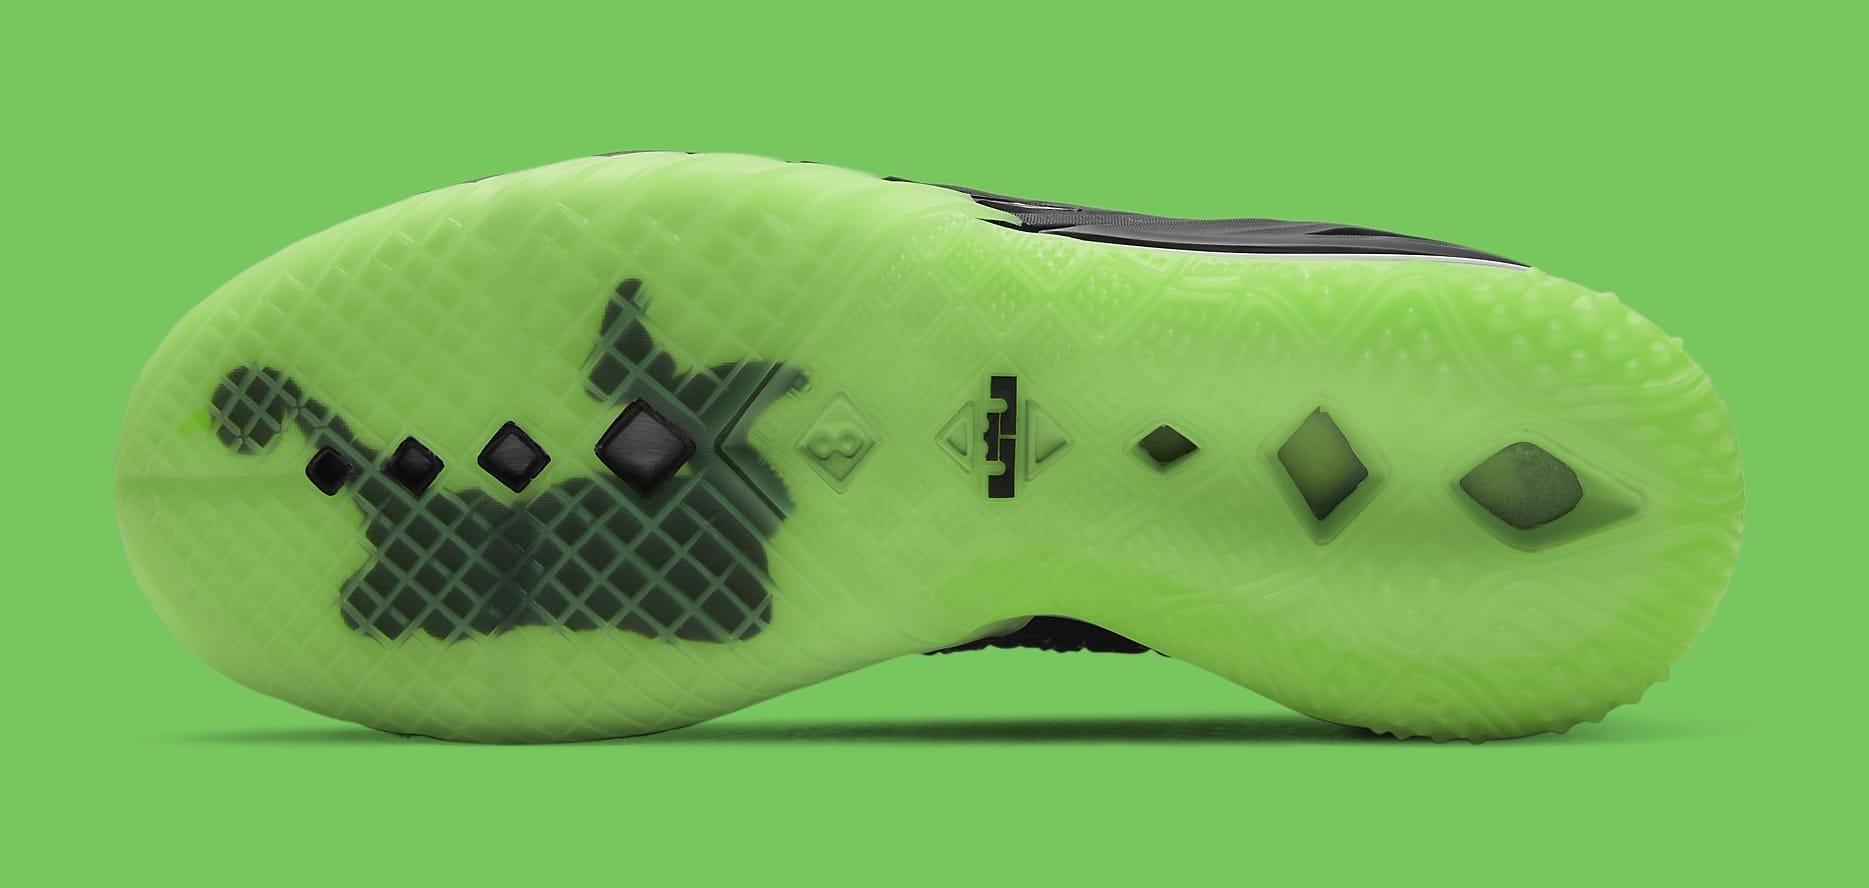 Nike LeBron 18 'Dunkman' CQ9284-005 Outsole